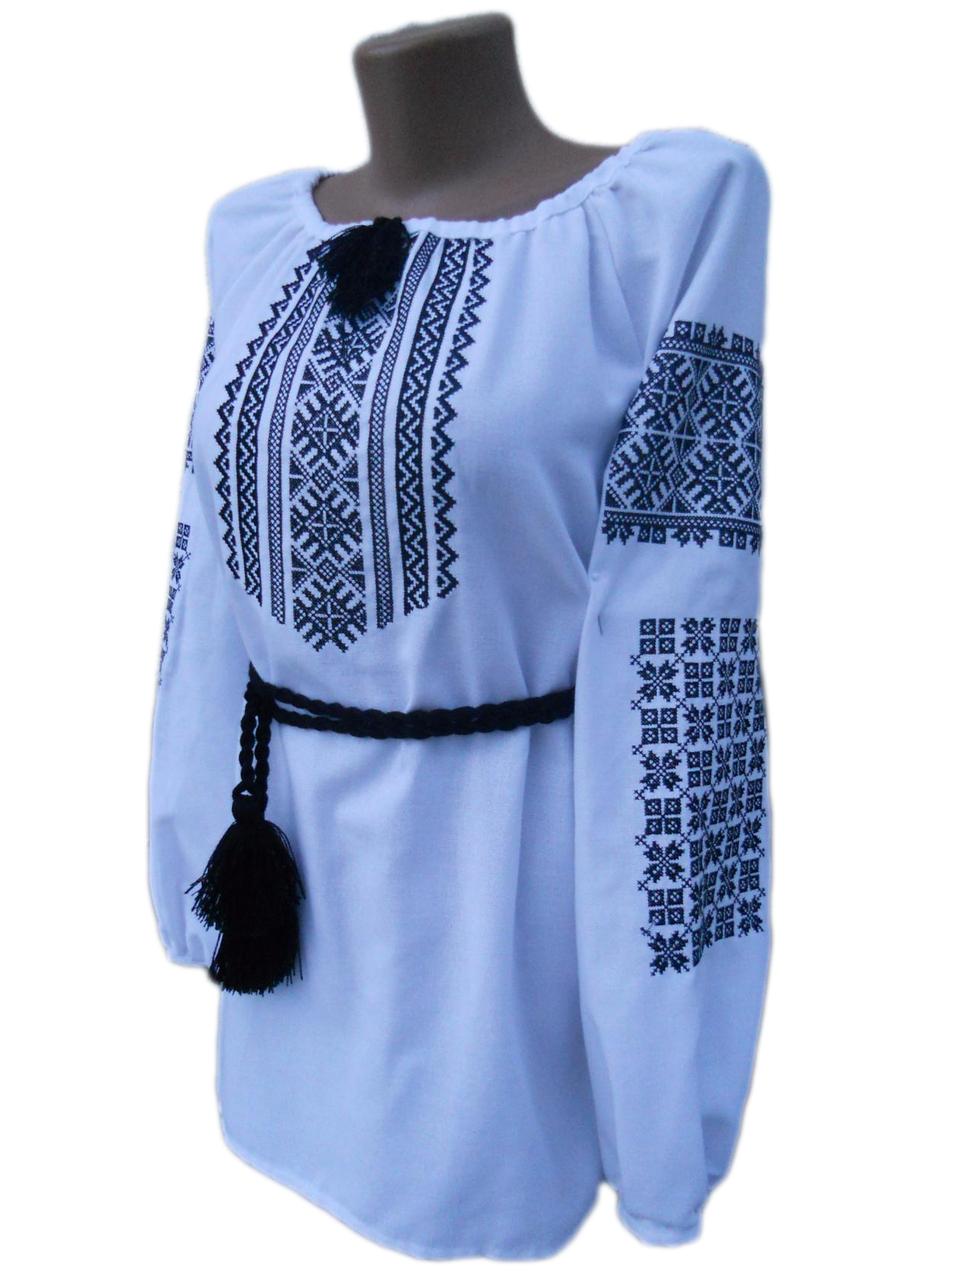 """Жіноча вишита сорочка (блузка) """"Ернол"""" (Женская вышитая рубашка (блузка) """"Ернол"""") BN-0085"""